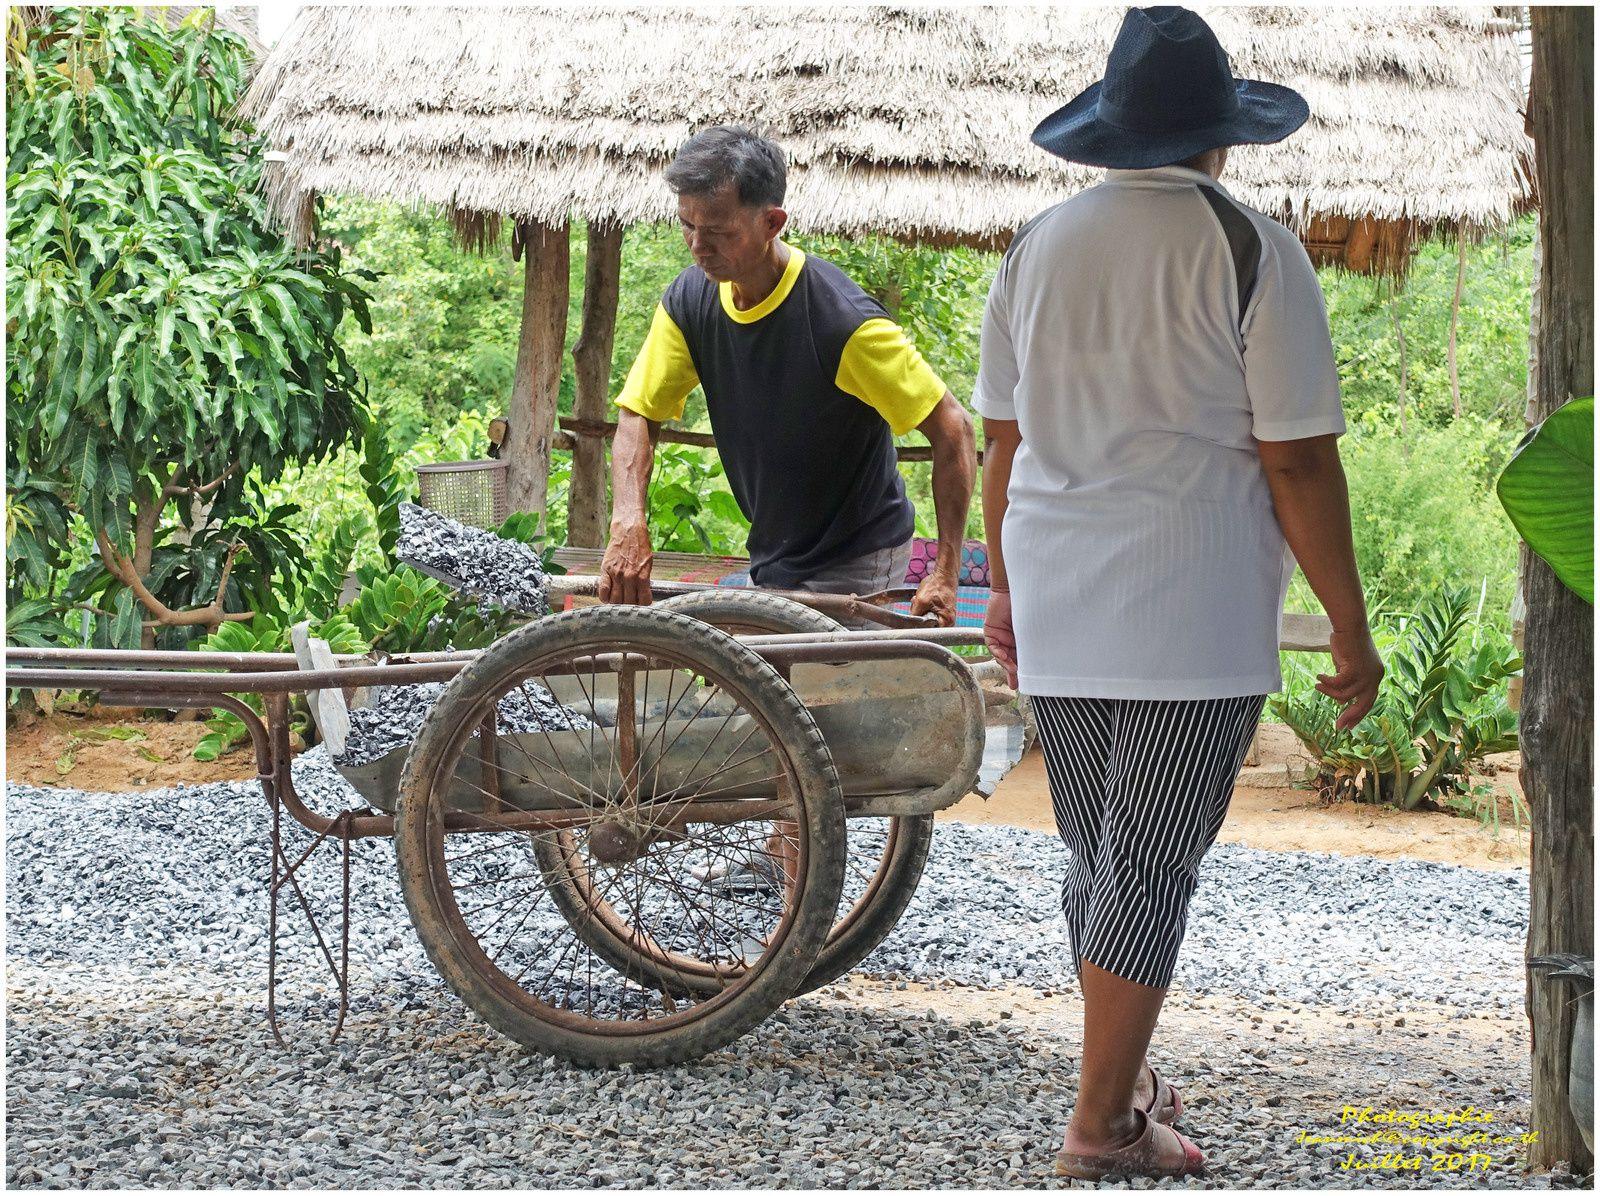 Un repas en famille dans la campagne (Thailande, Isaan)